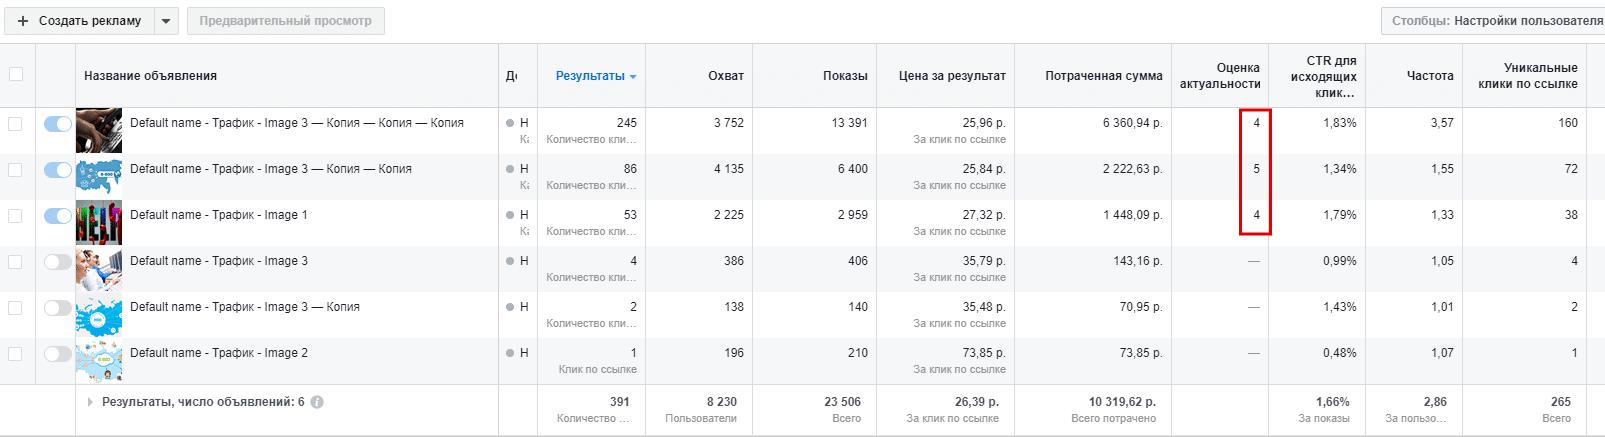 Креативы, показавшие наибольшую эффективность Инстаграм Neirika